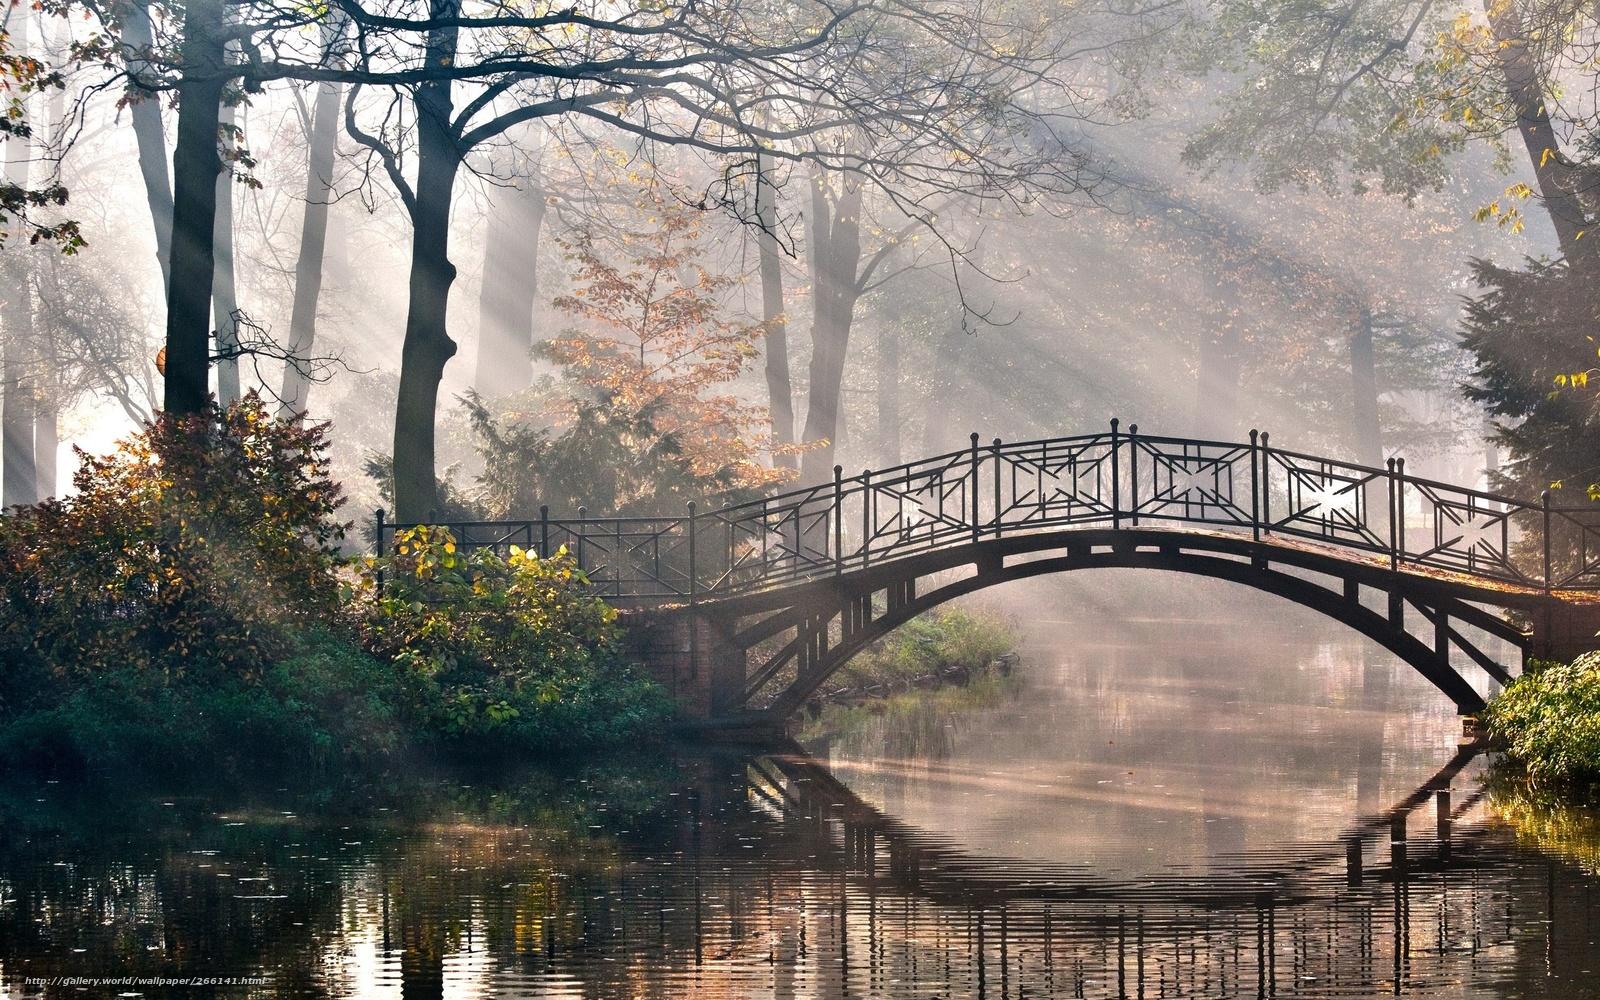 Скачать обои пейзажи,  вид,  красиво,  сказочно бесплатно для рабочего стола в разрешении 2560x1600 — картинка №266141